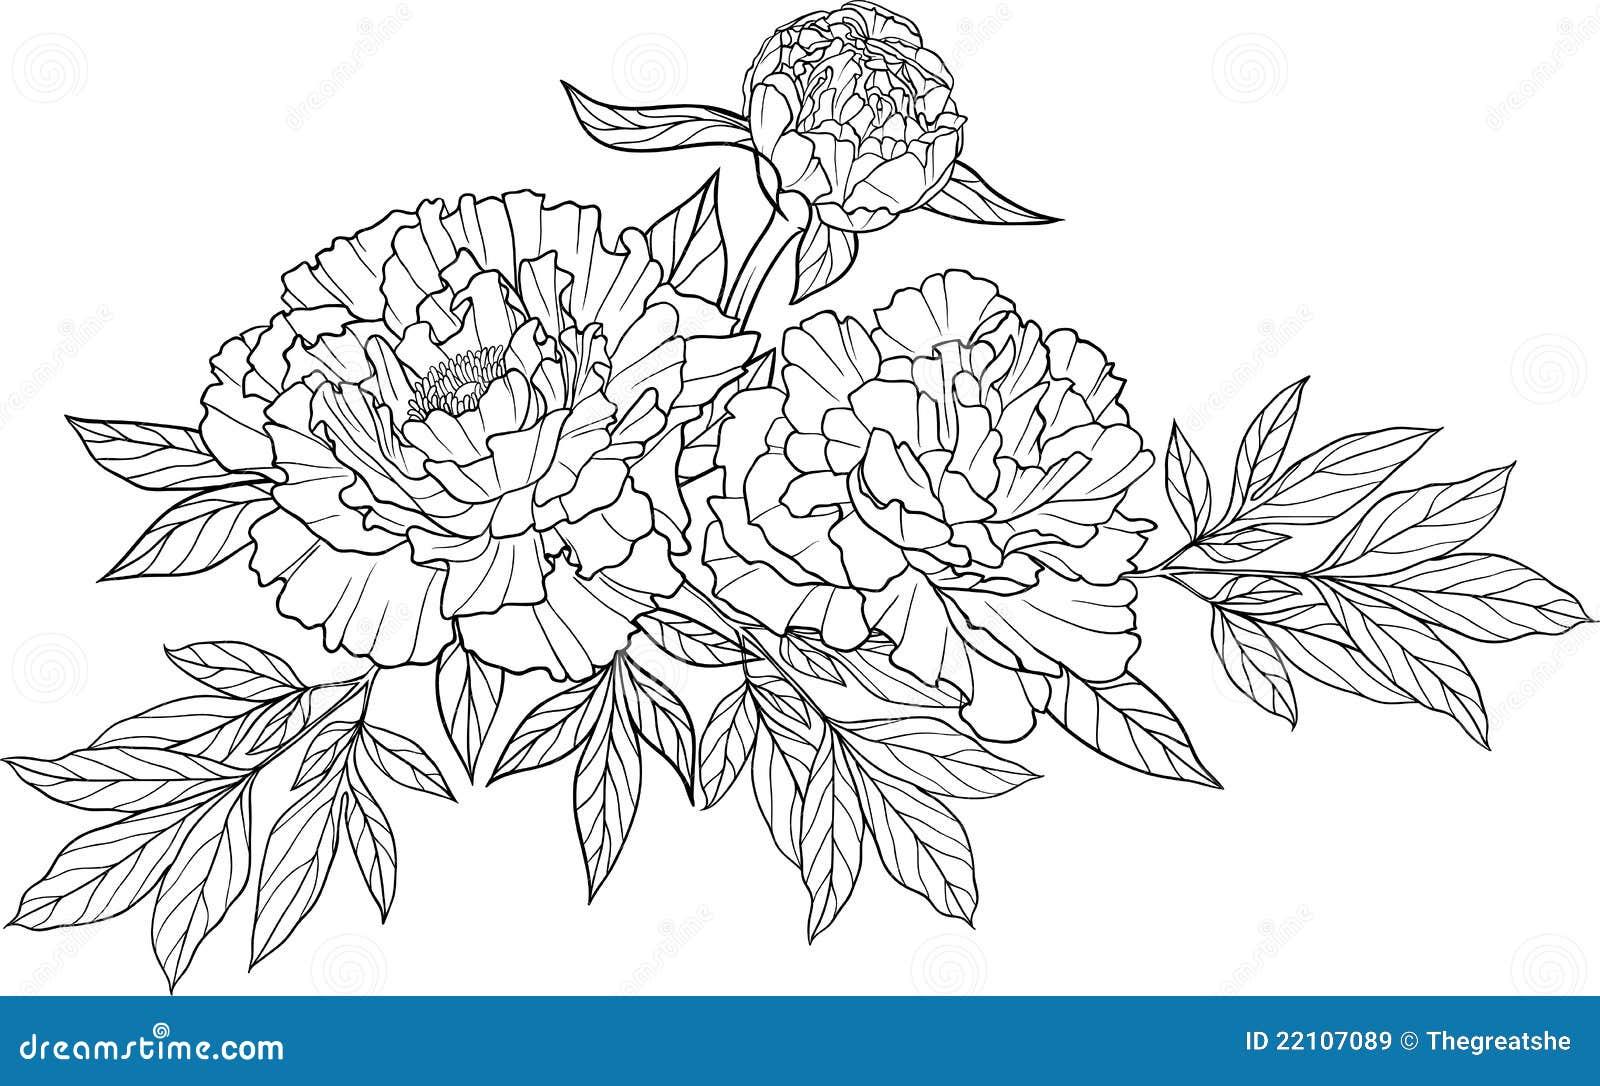 Tatouage Realiste De Fleur De Pivoine Du Dessin Trois Illustration